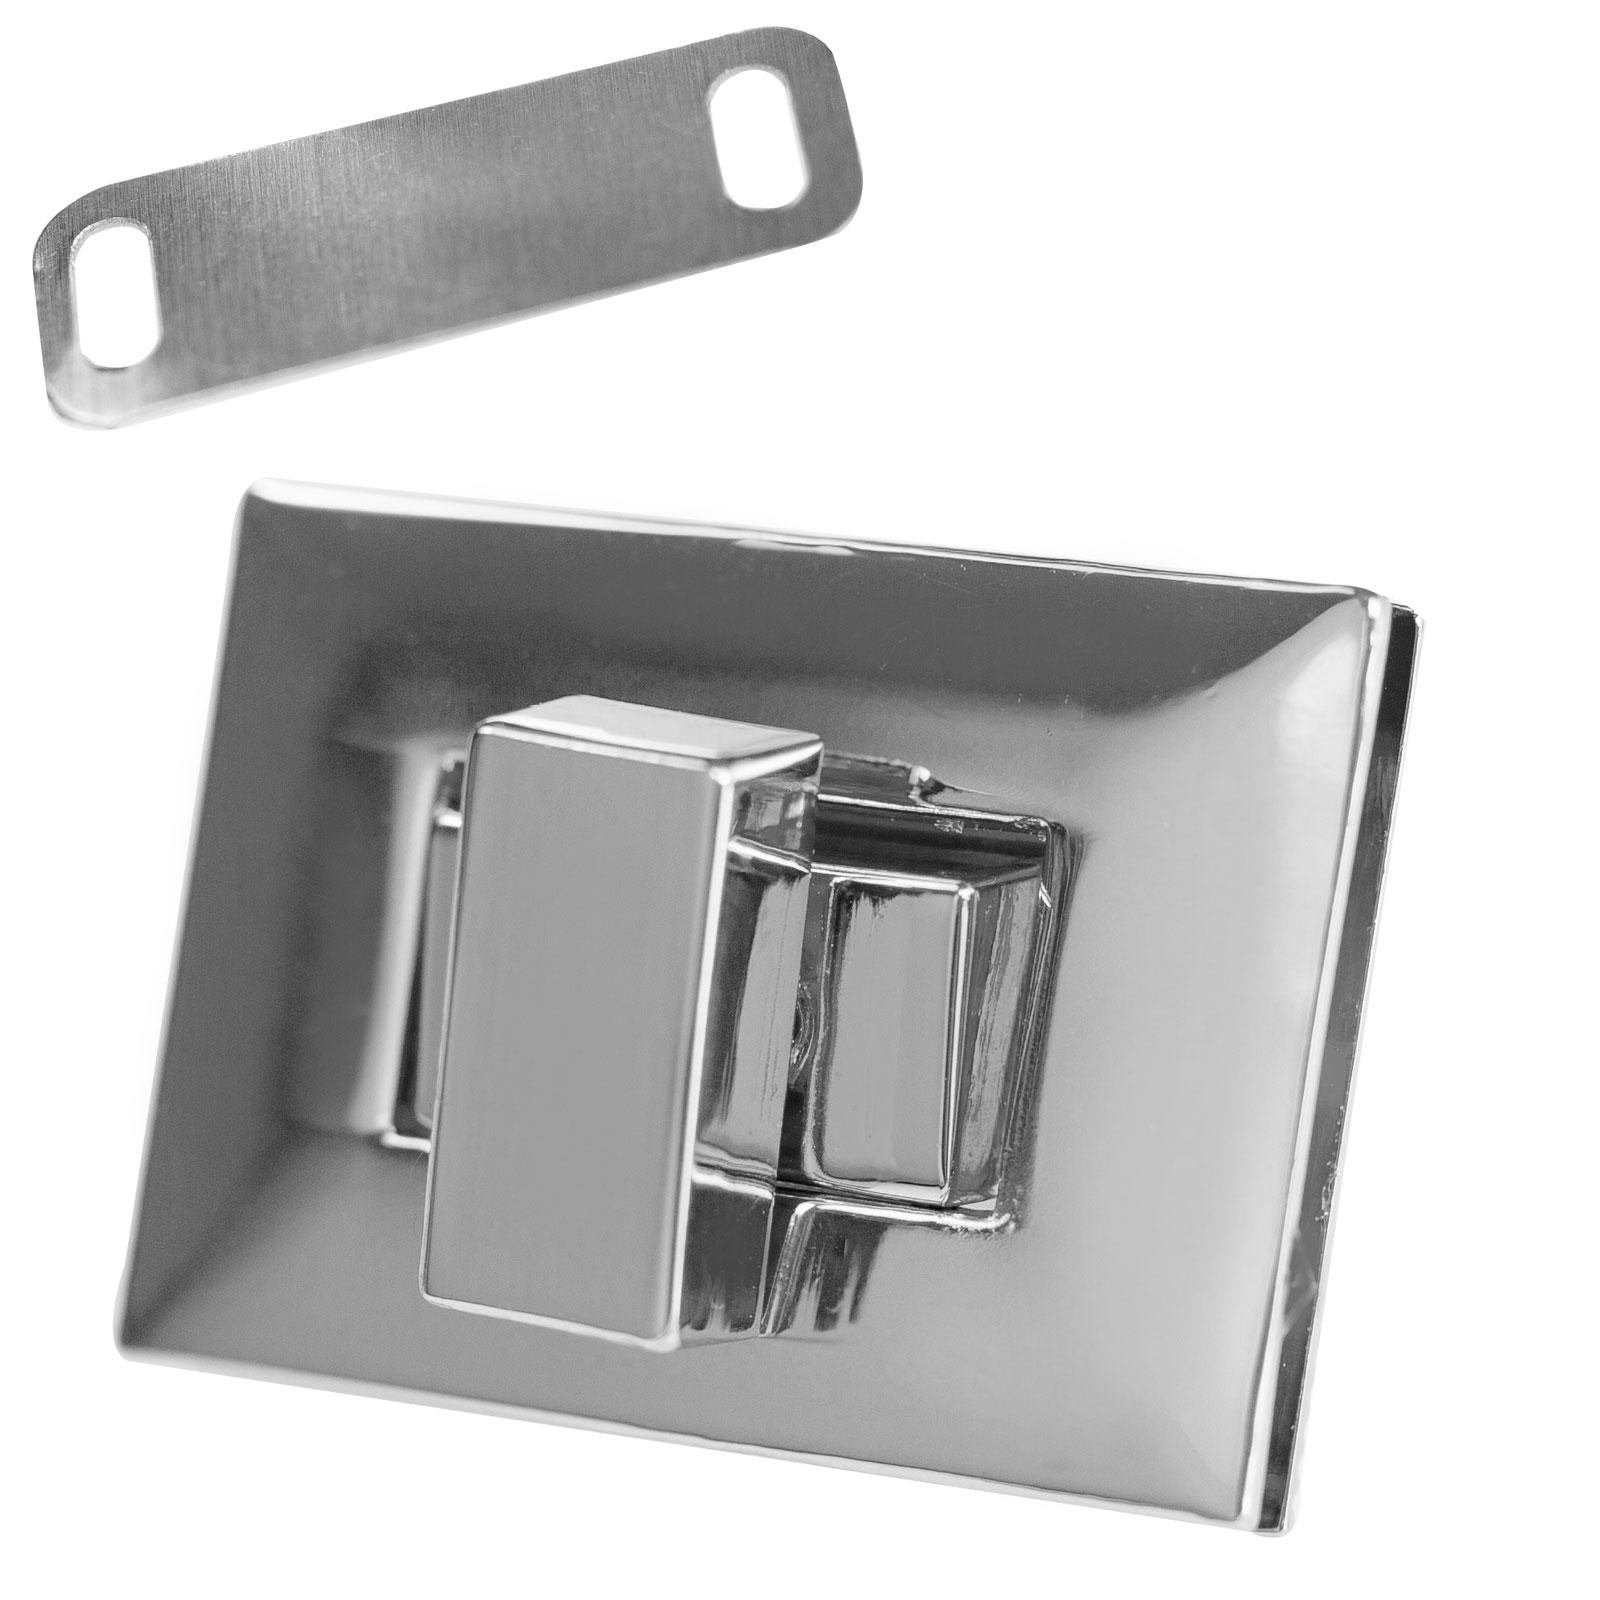 Farbe:Silber maDDma 5 Mappen-Verschl/üsse Steck-Schloss Dreh-Schloss Verschluss Taschenschloss Mappen